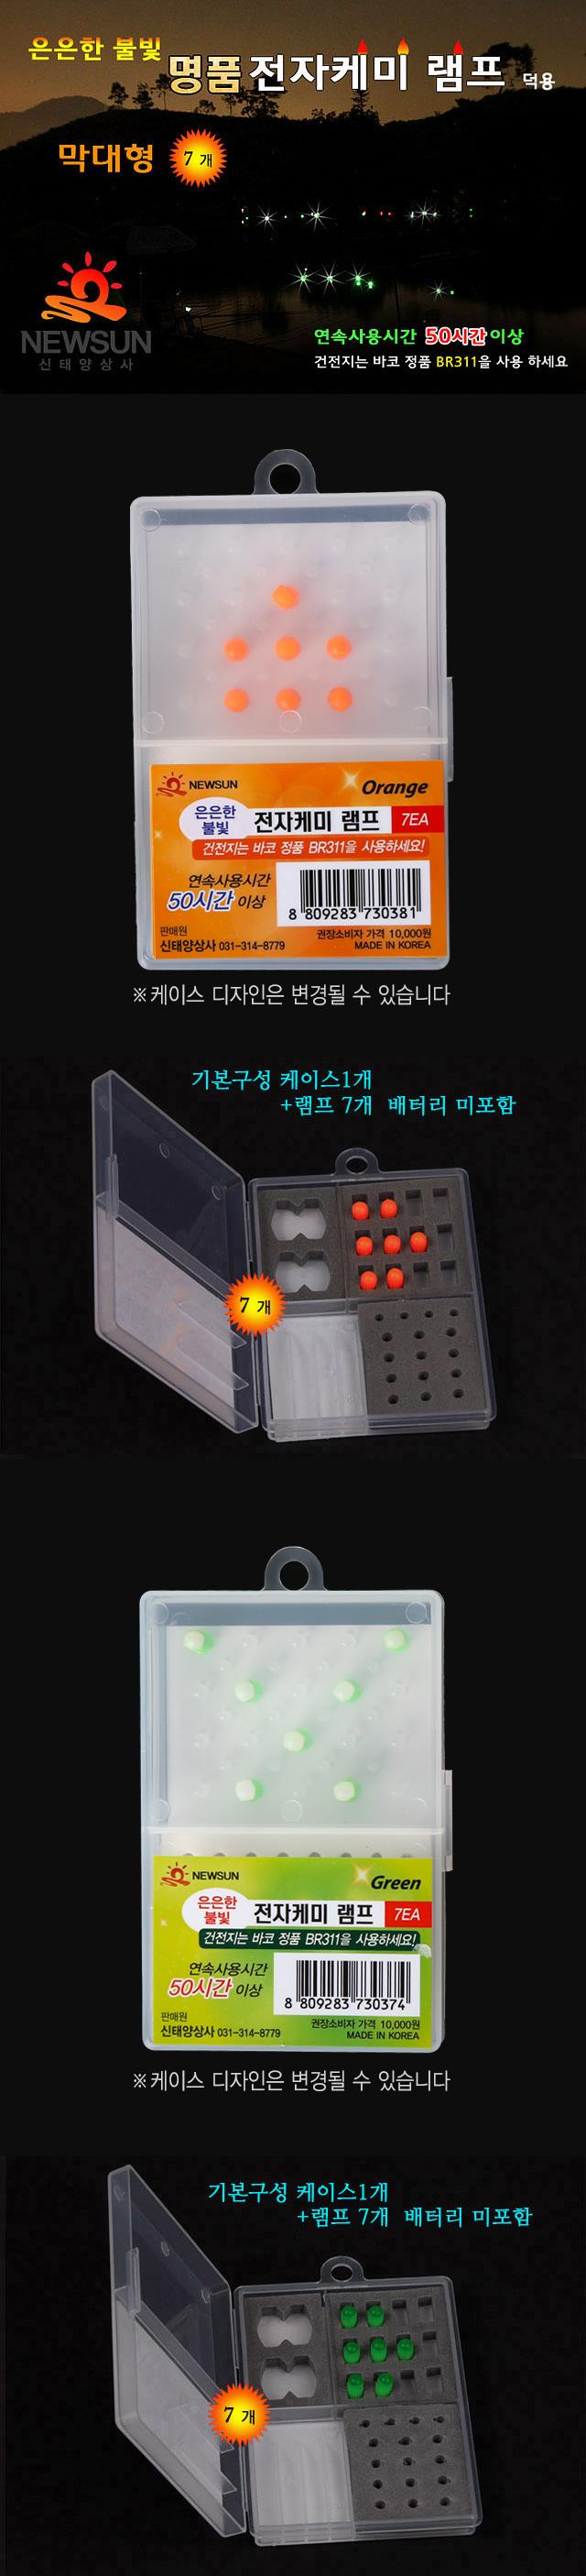 신태양 전자케미 램프 방울형(14개입) 전자케미 케미램프 케미